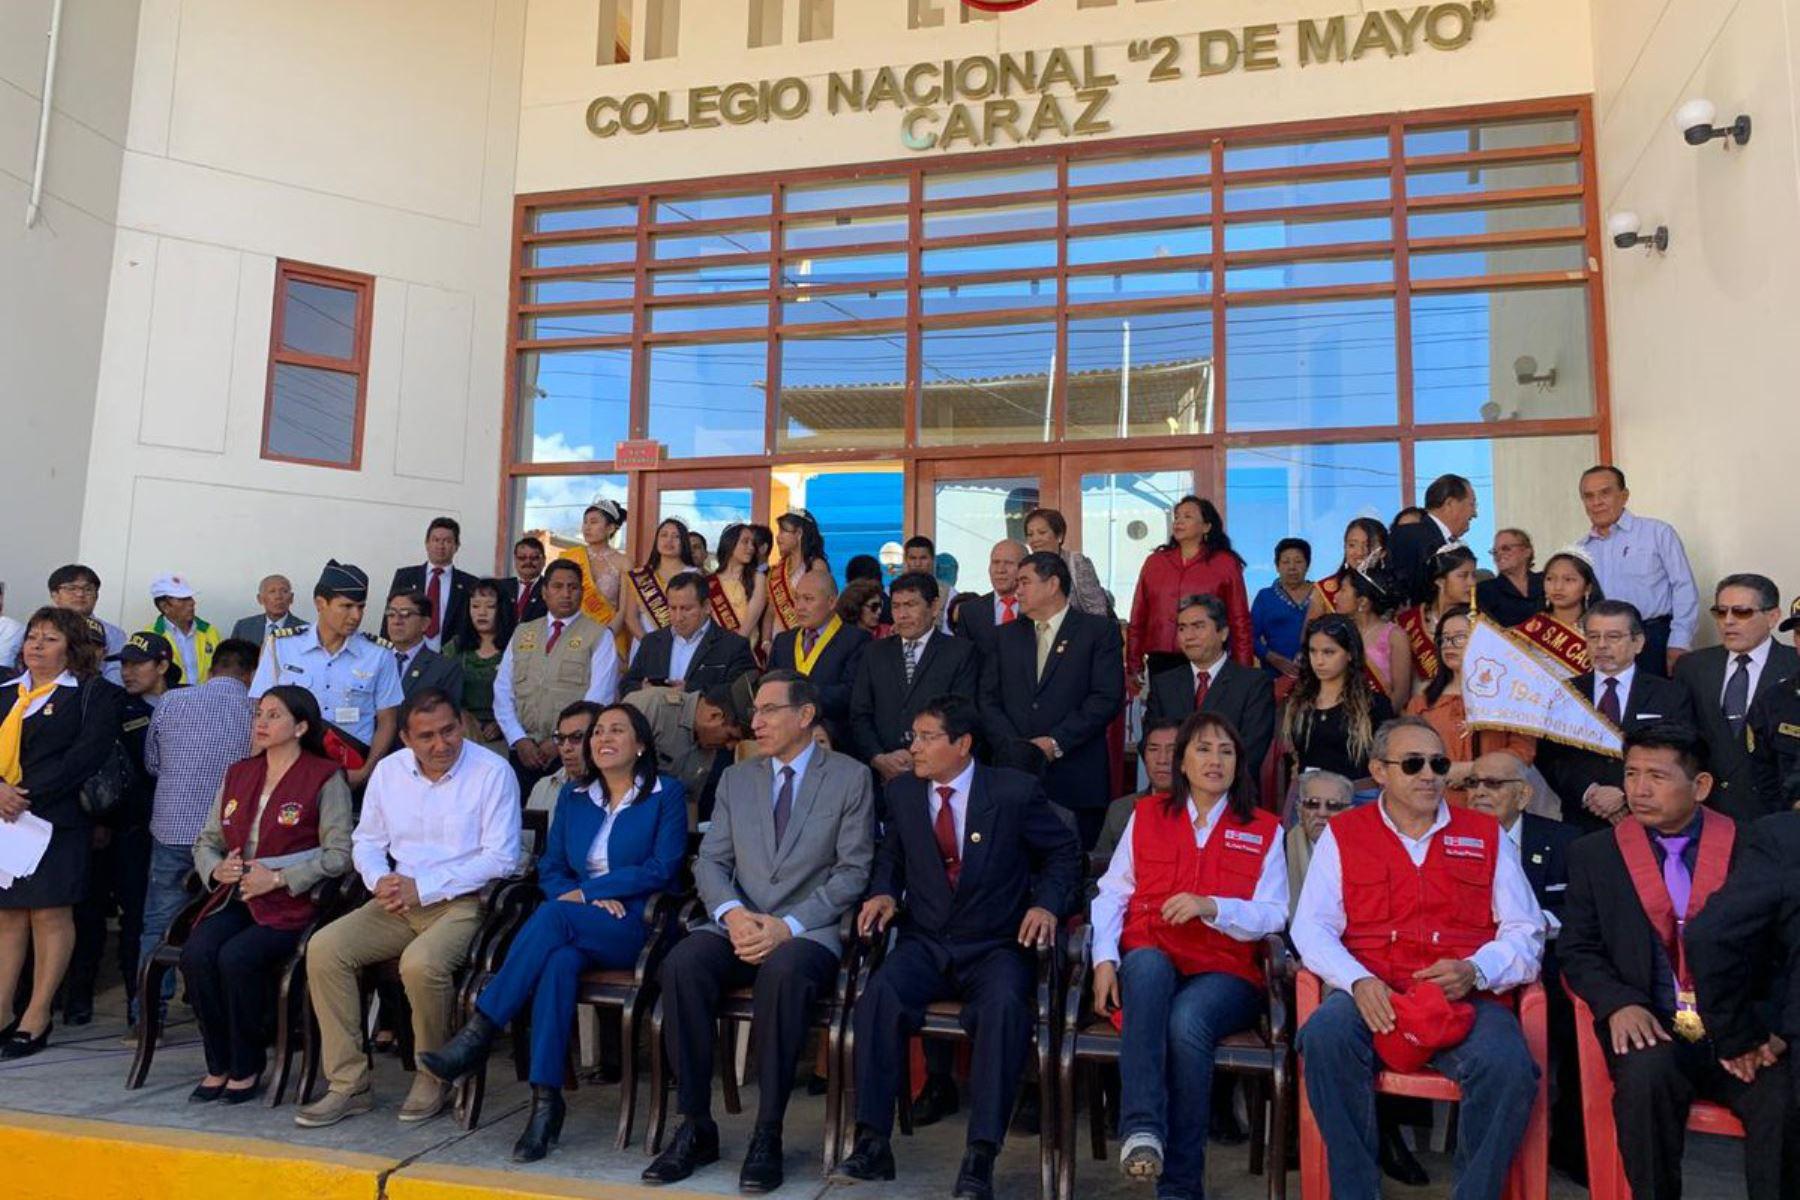 Presidente de la República, Martín Vizcarra, presidió ceremonia por aniversario de colegio emblemático de Caraz, en Áncash.